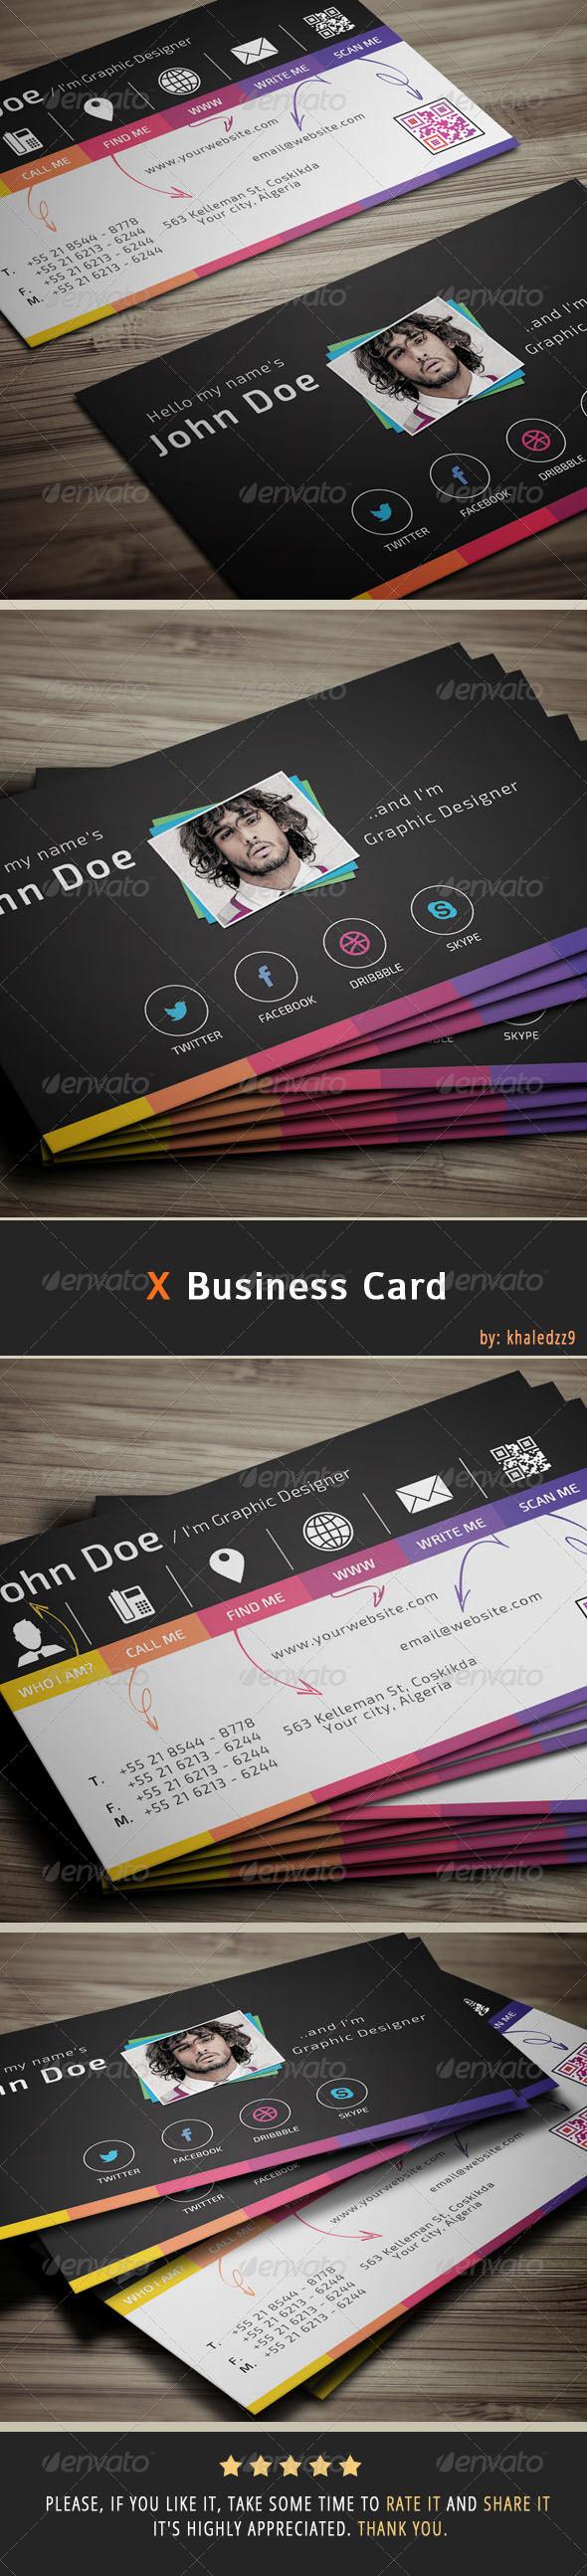 X Business Card by khaledzz9